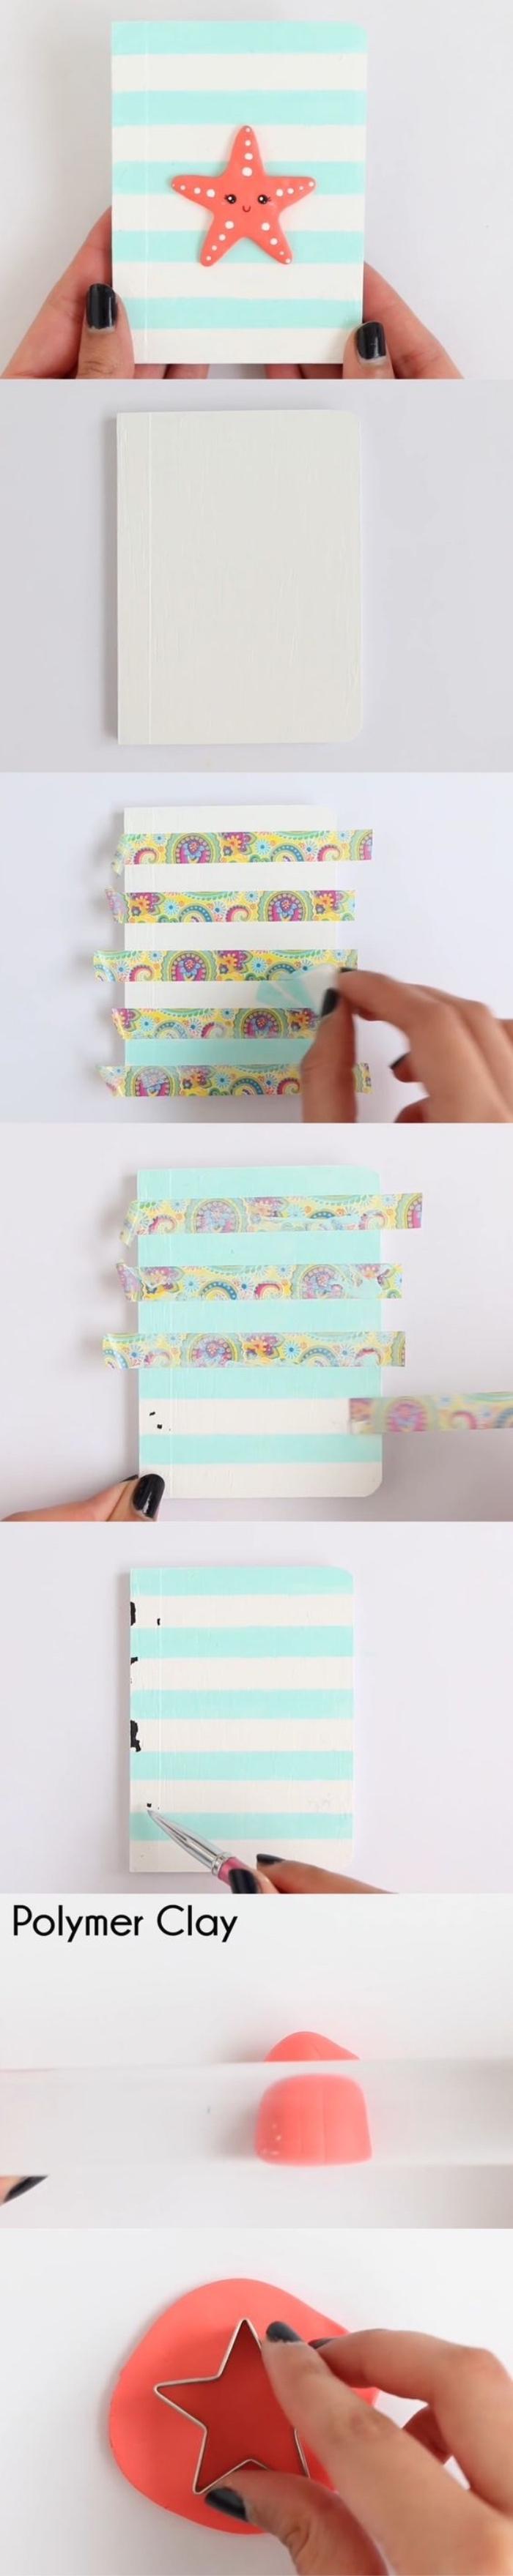 idée comment customiser un agenda scolaire à rayures bleues, bandes de washi tape et étoile en pate fimo, washi tape motifs